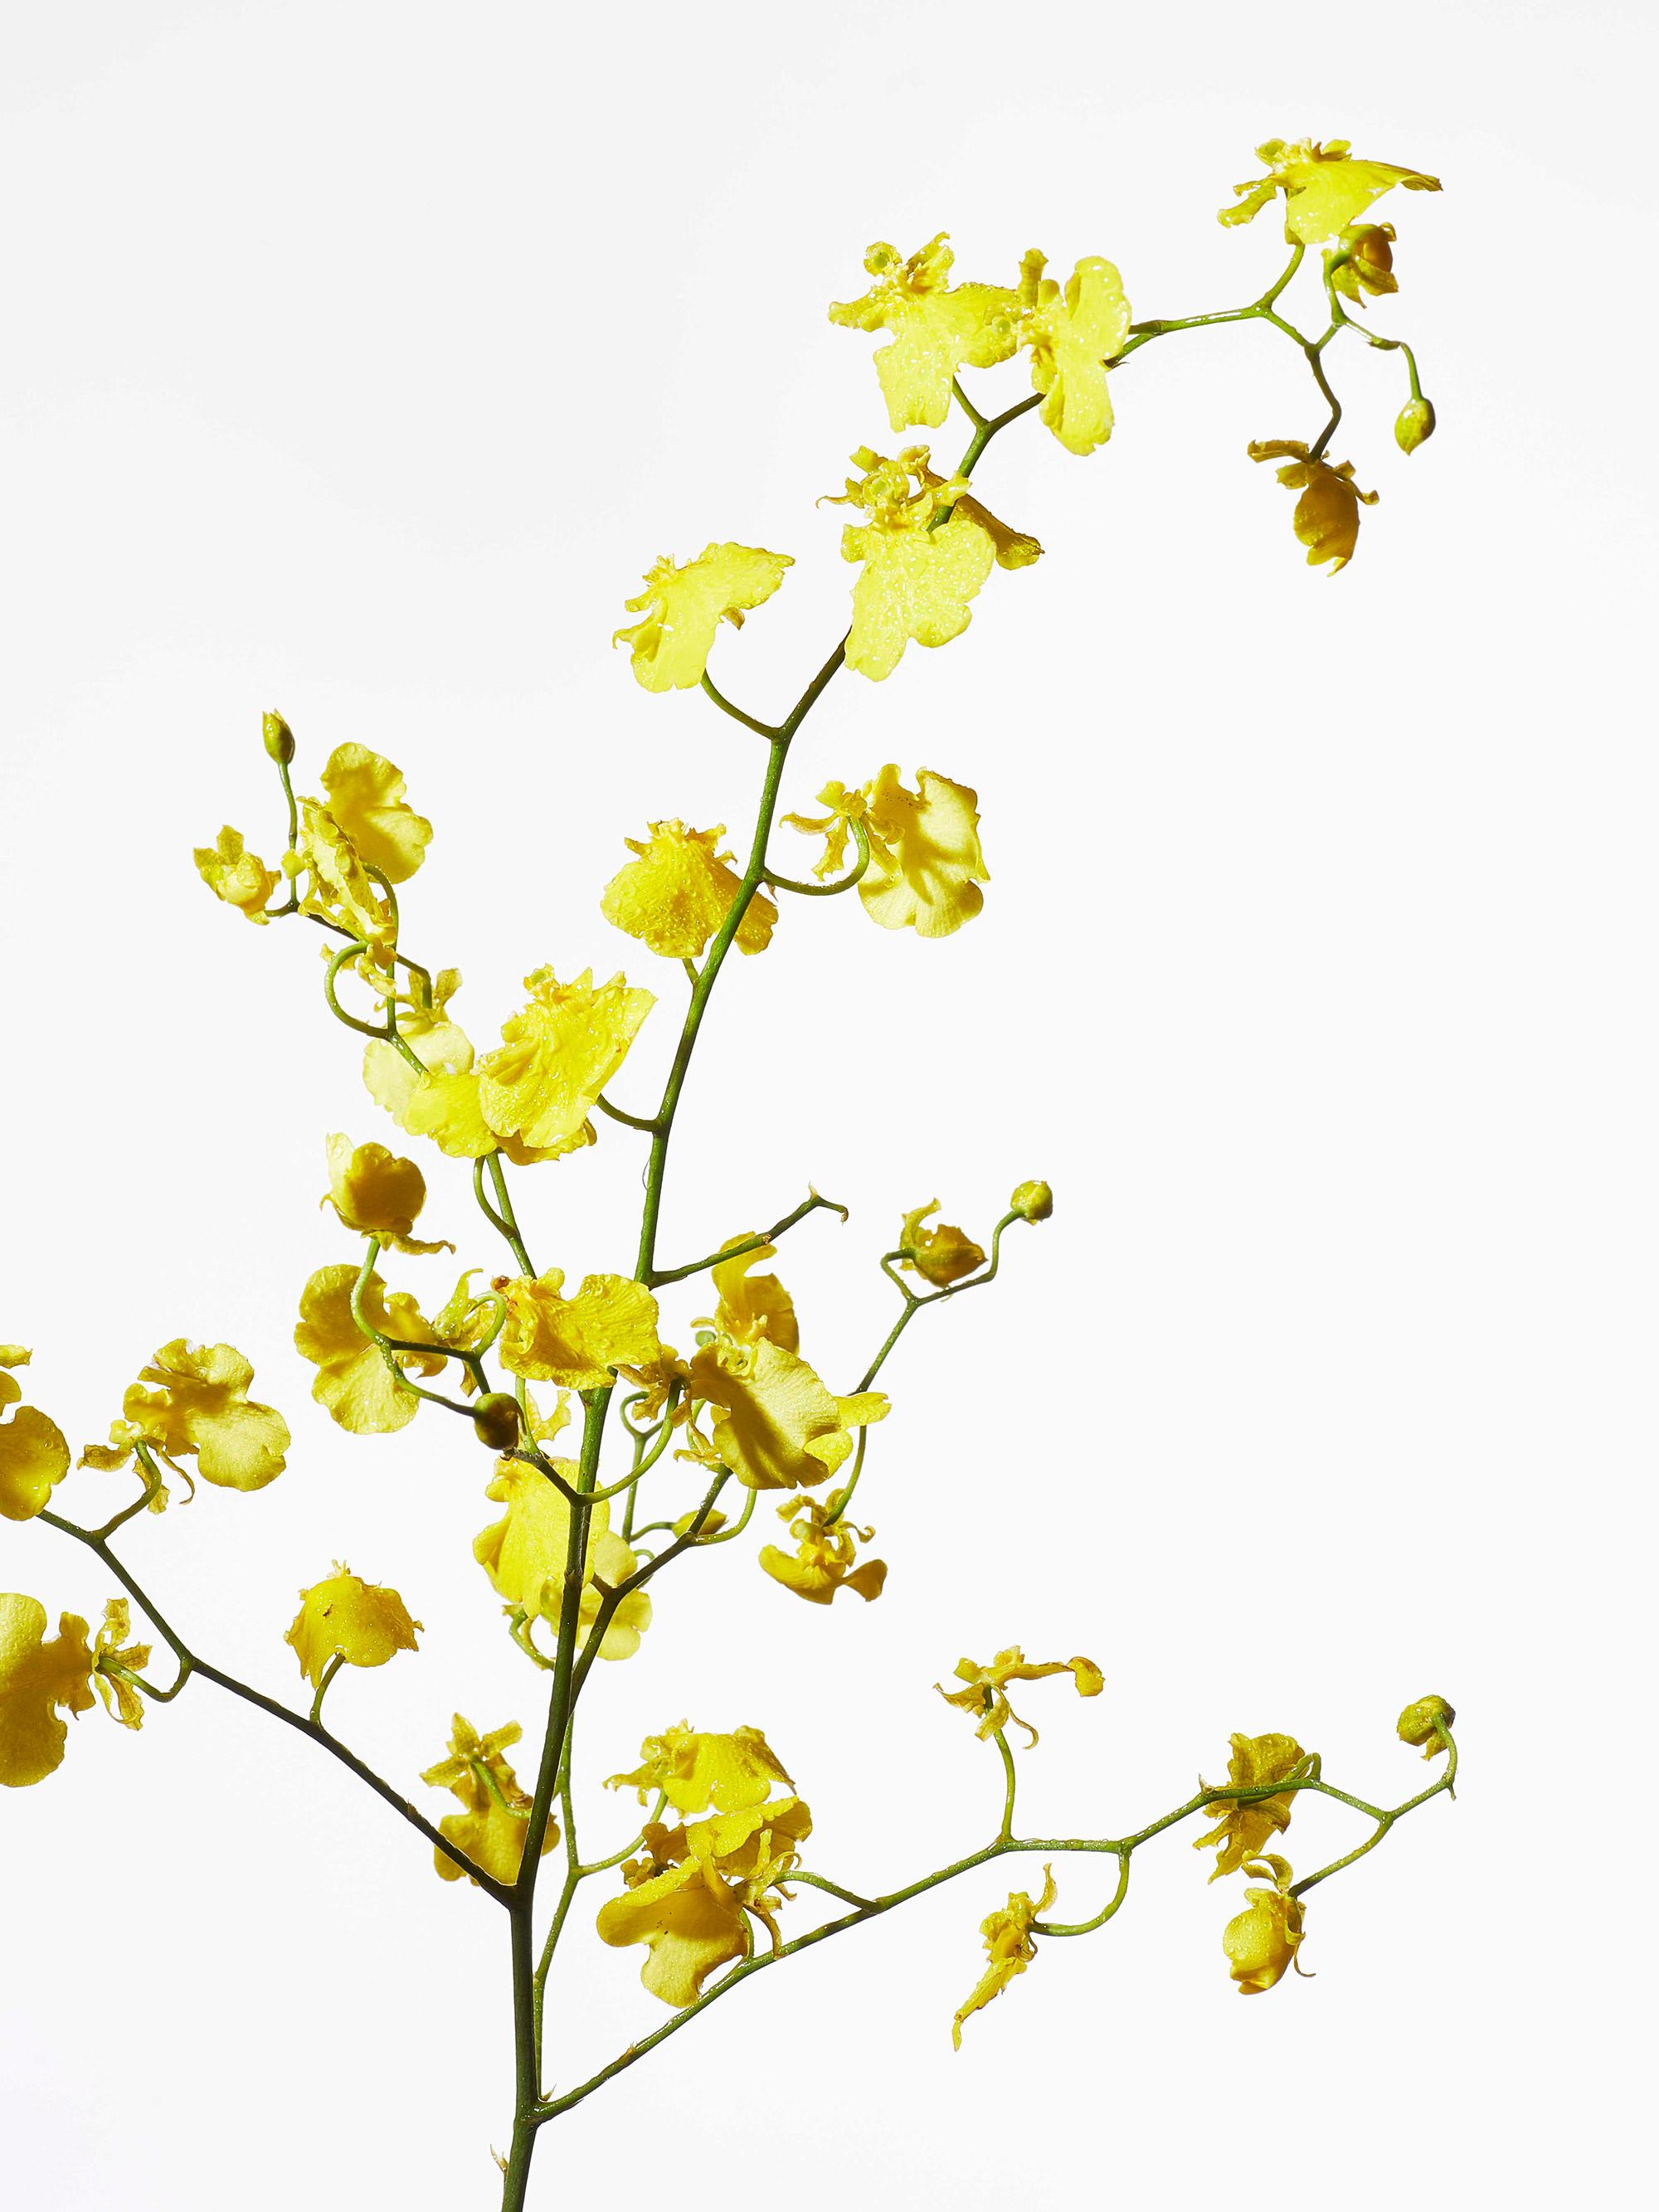 花を撮影した写真